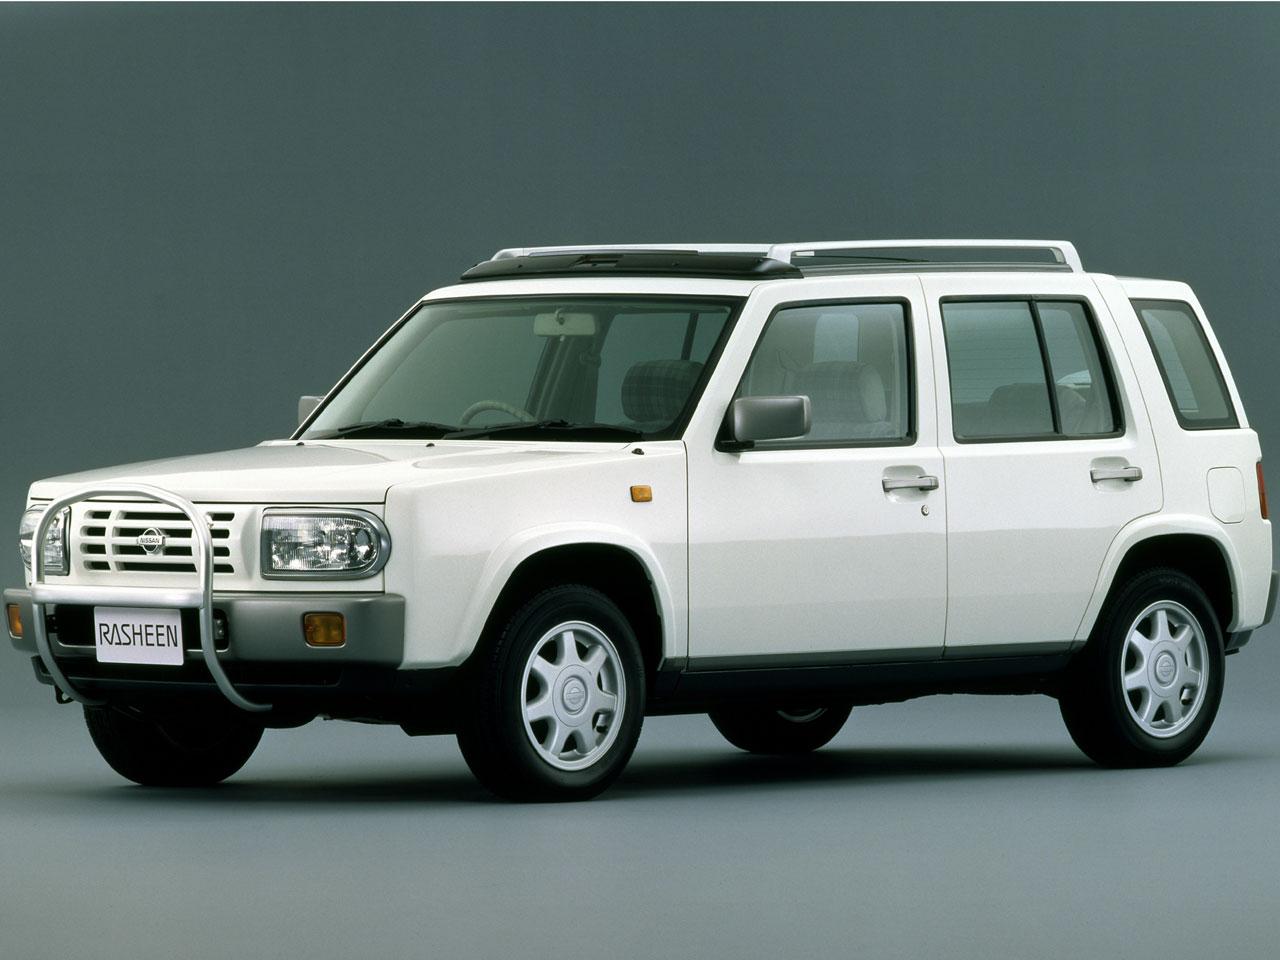 ラシーン 1994年モデル の製品画像  ラシーン 1994年モデル  ご利用の前にお読みくださ